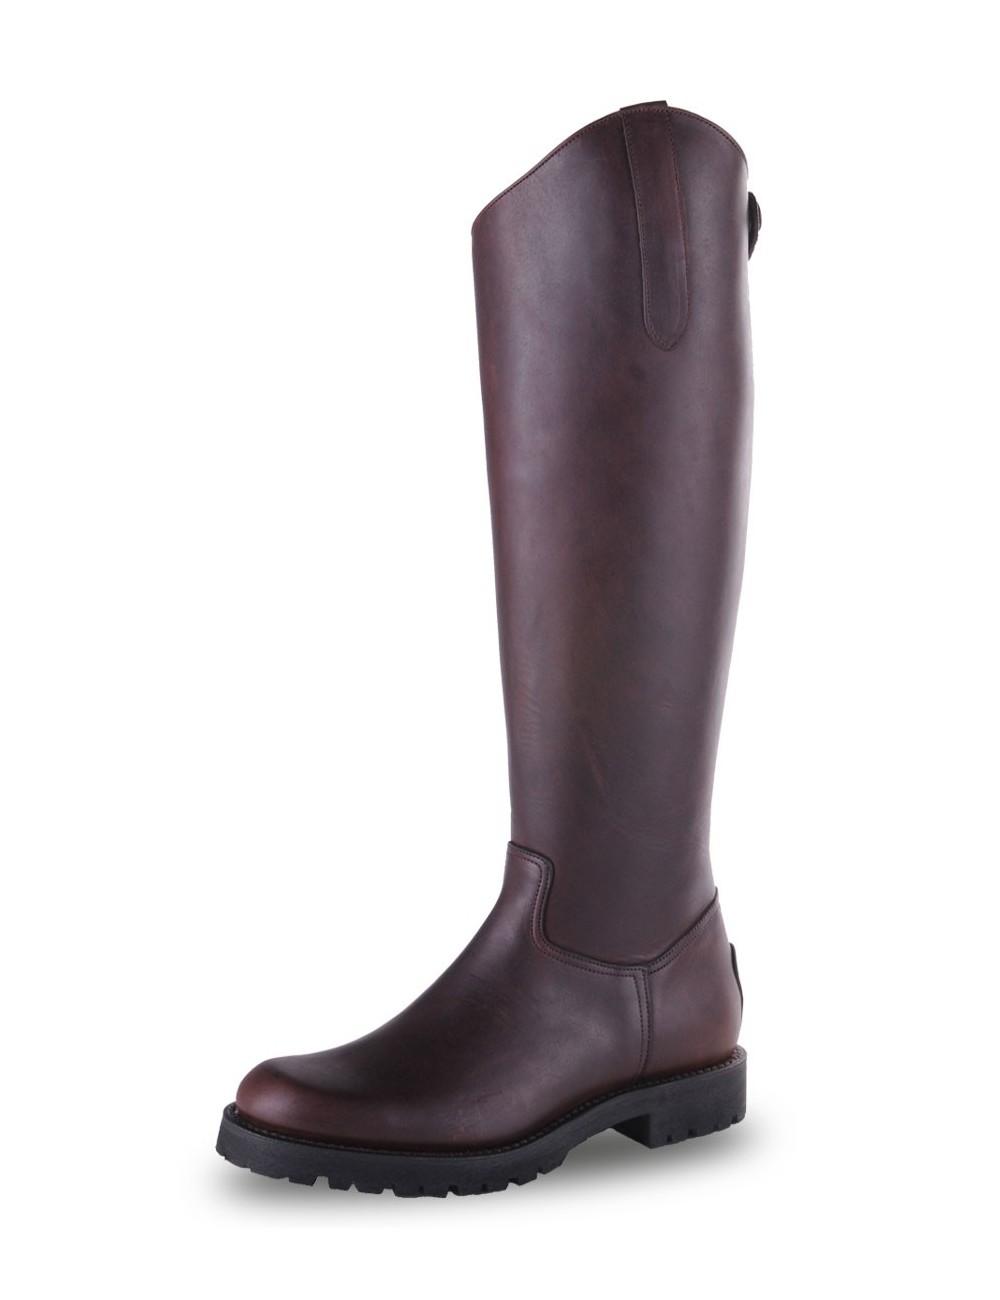 Bottes équitation cuir marron semelle crantée